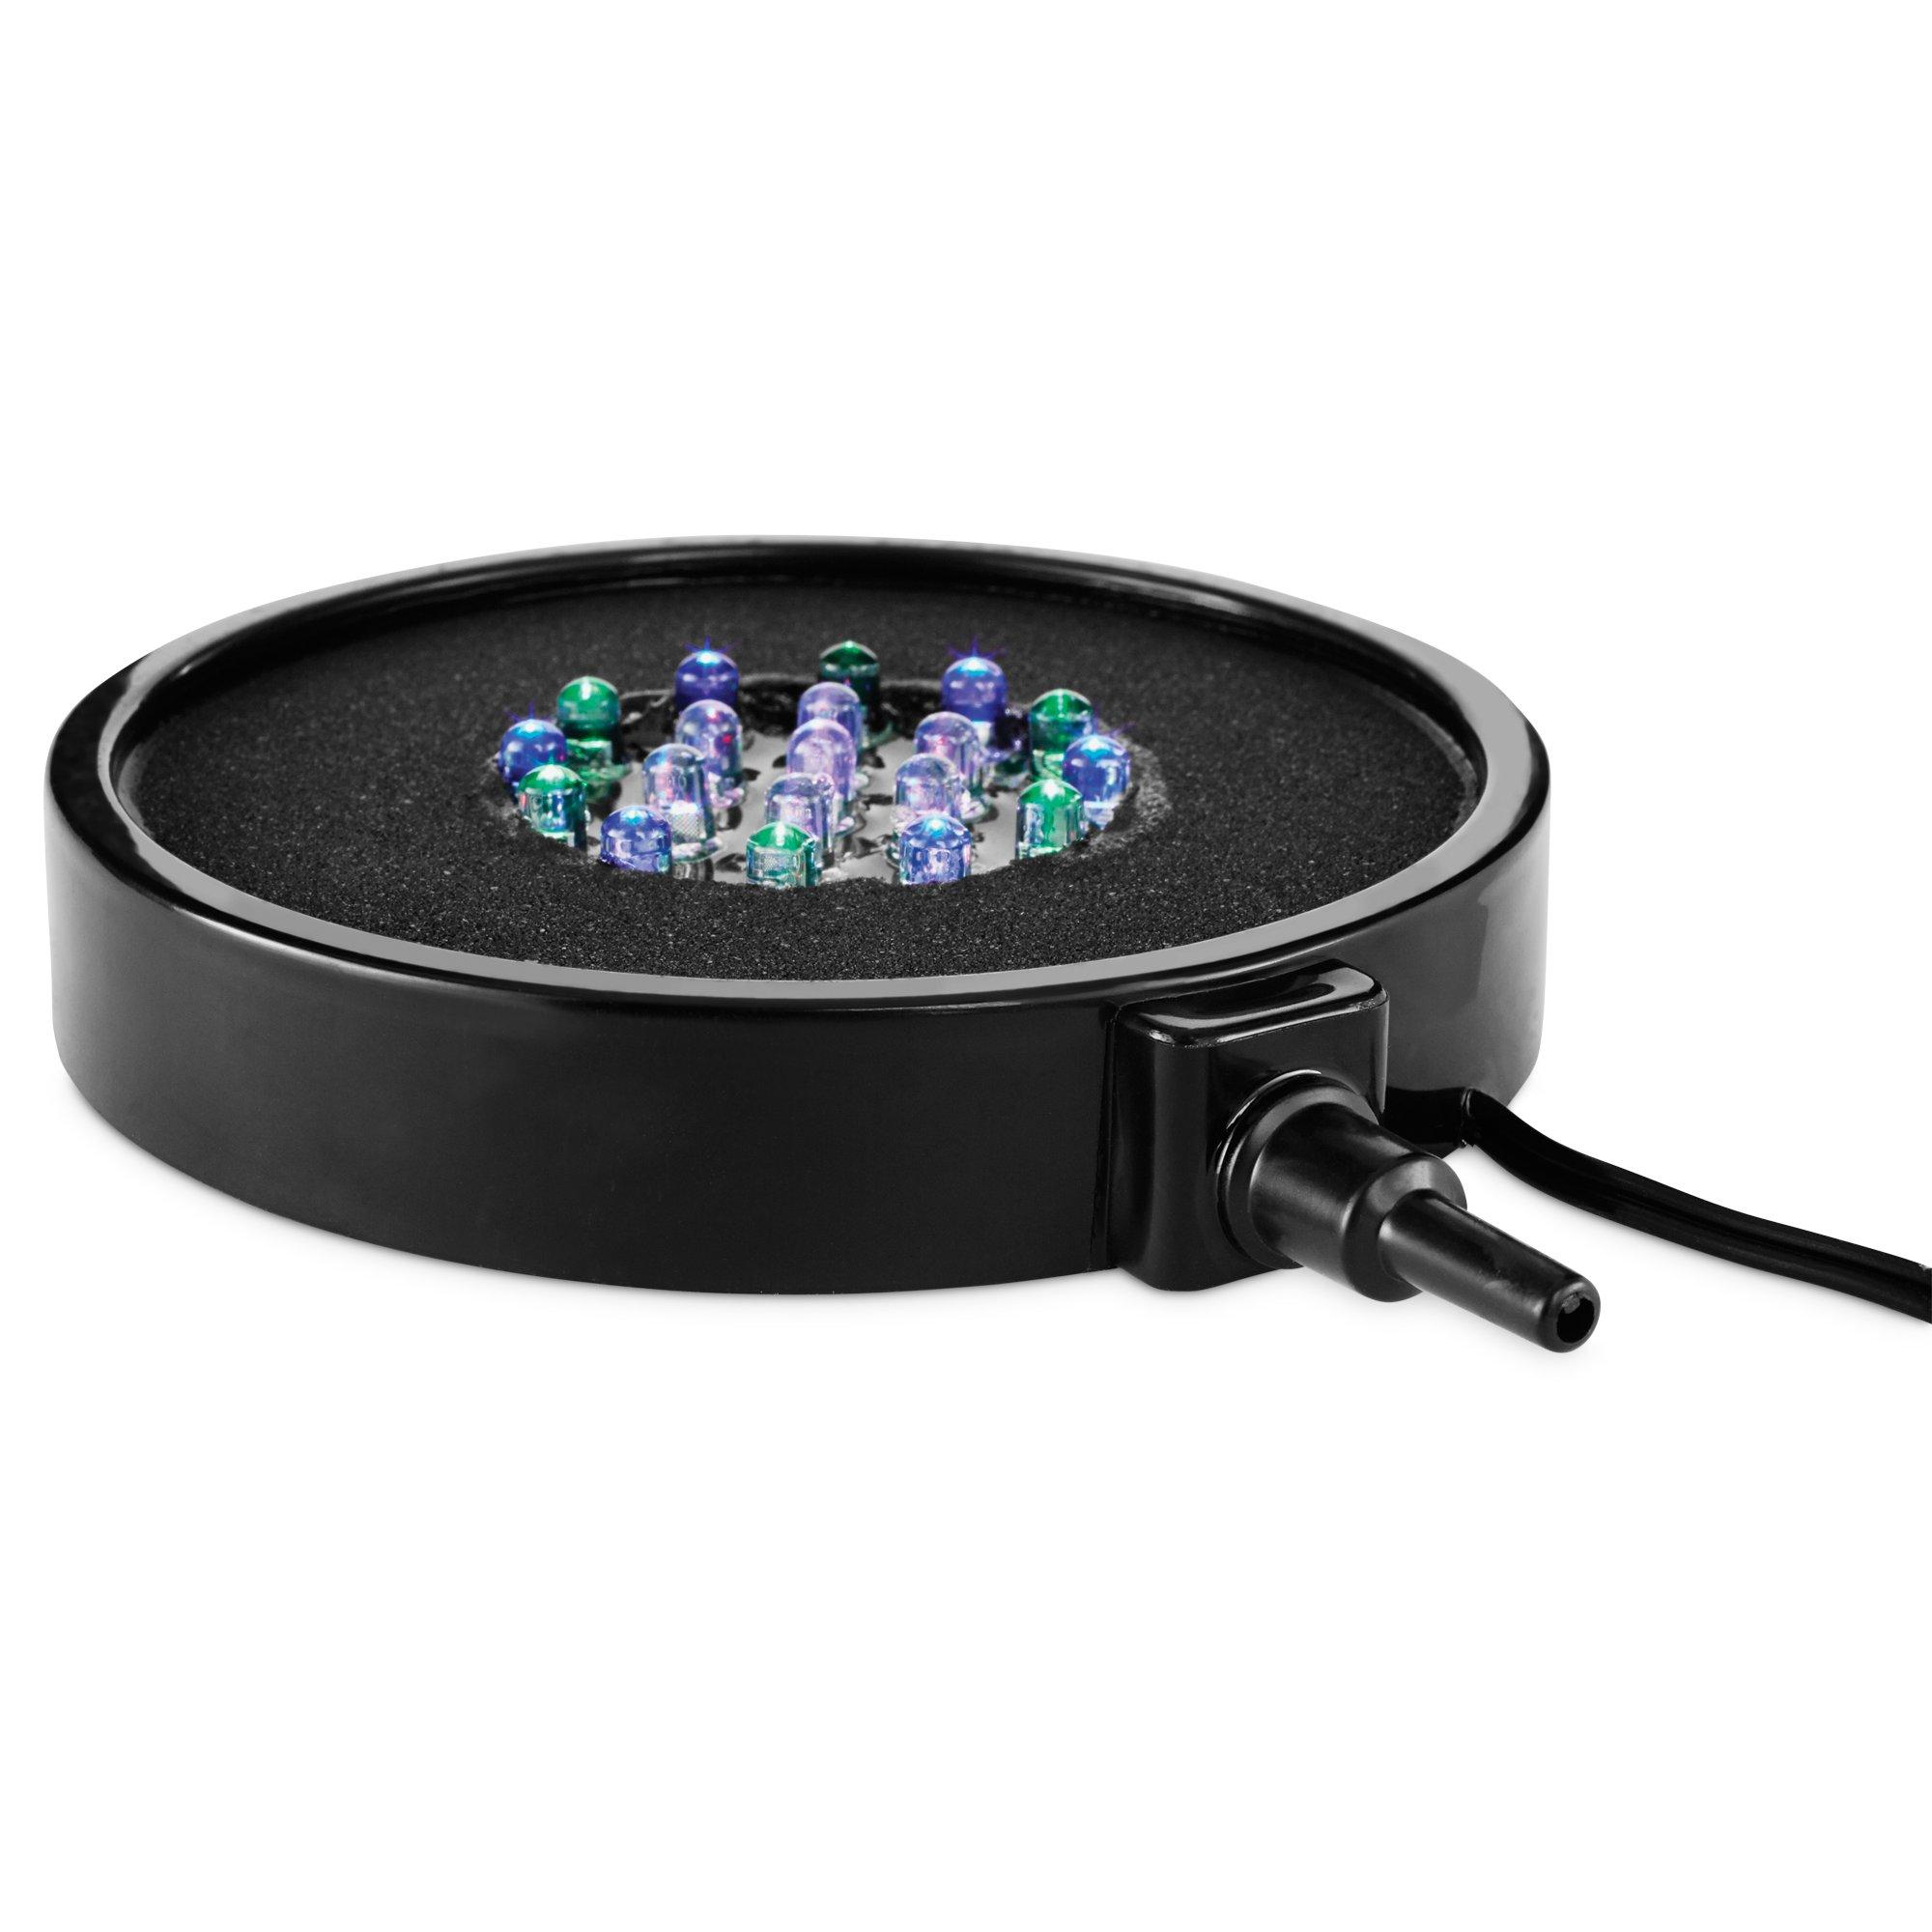 Imagitarium LED Airstone Aquatic Supply